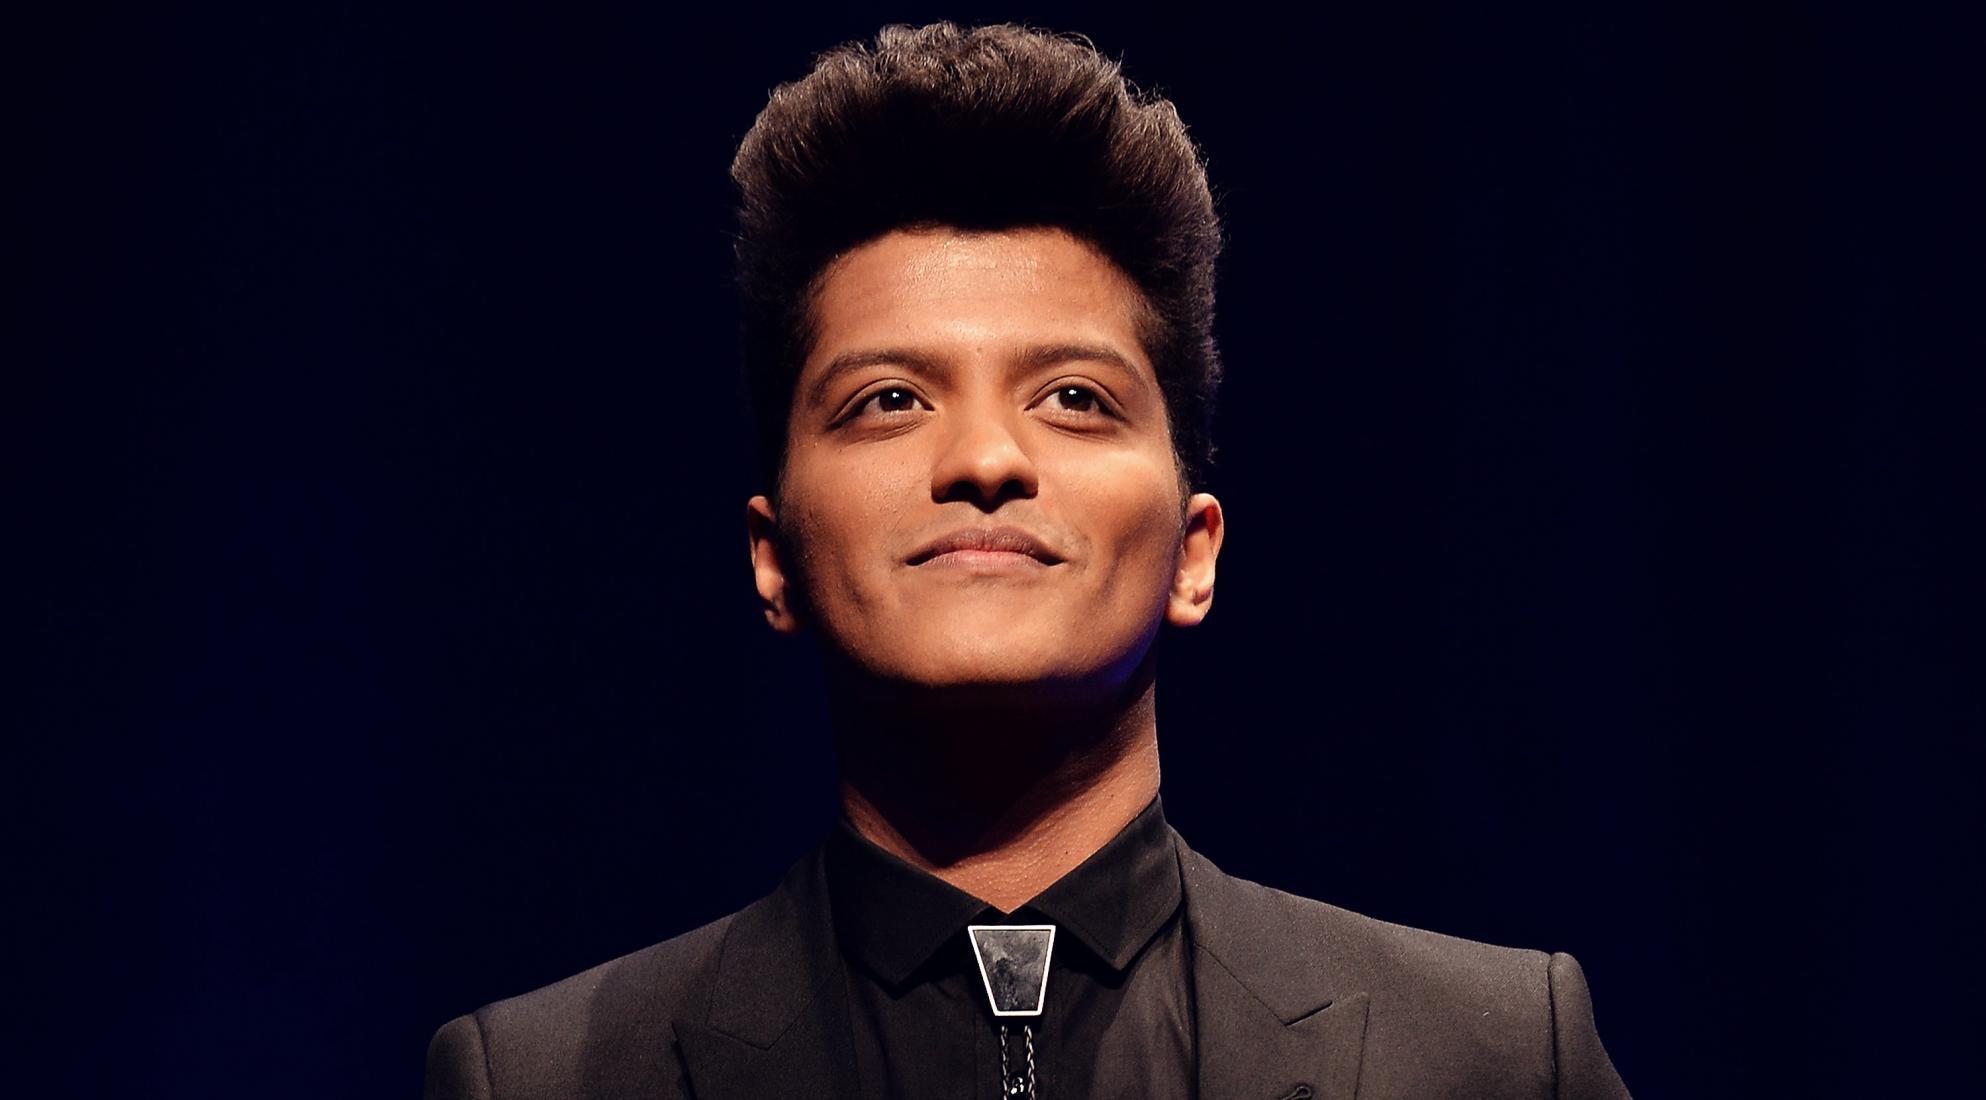 Grenade- Bruno Mars